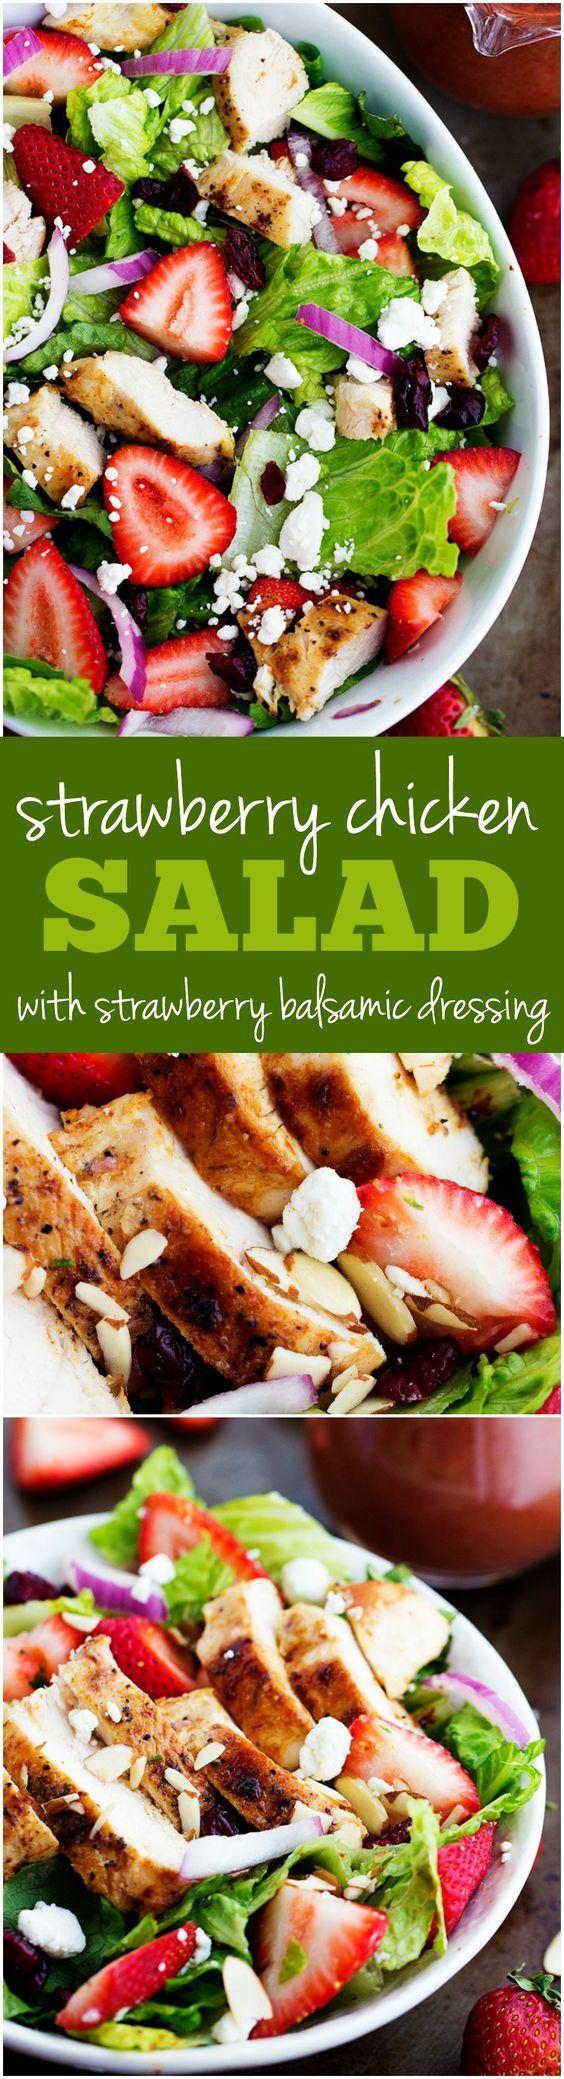 春节的大鱼大肉早就吃腻了吧!上一盘草莓鸡肉沙拉如何?